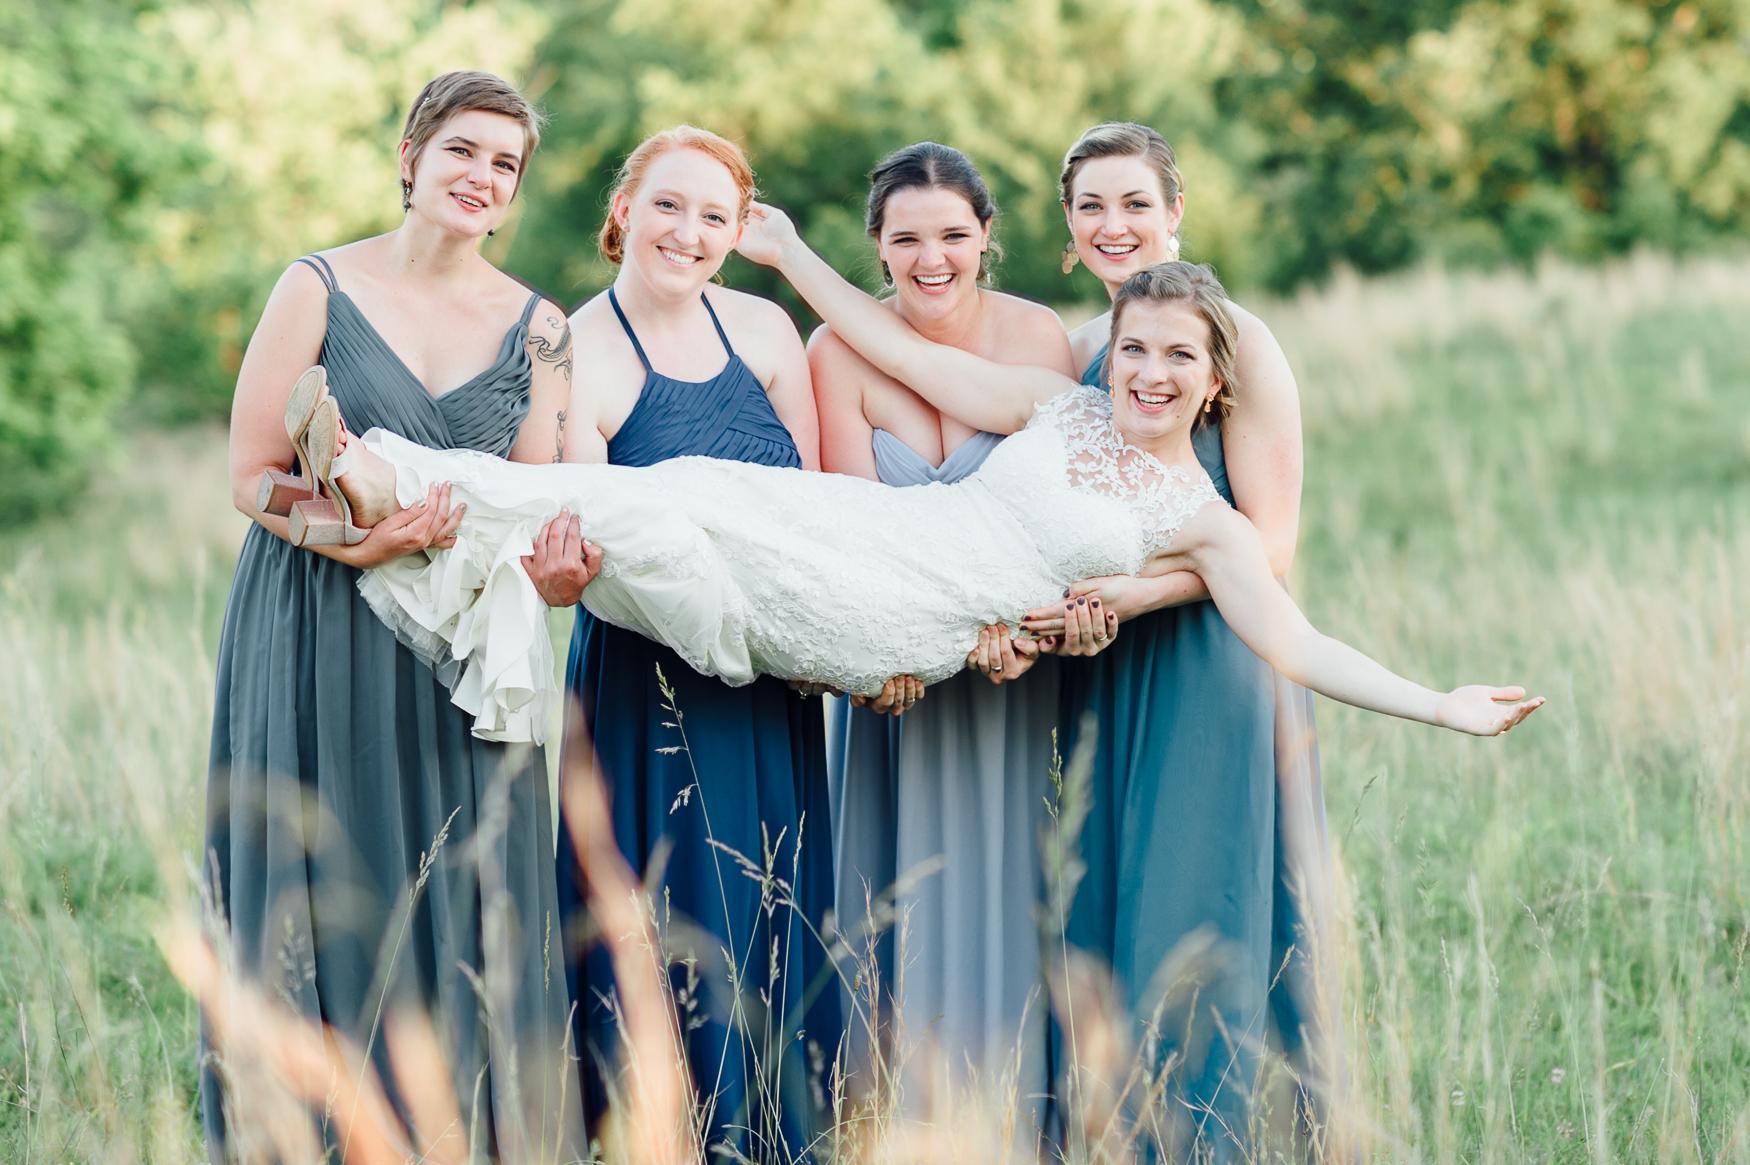 charlottesvillewedding_backyardwedding_virginia_youseephotography_CaitlinDerek (93).jpg